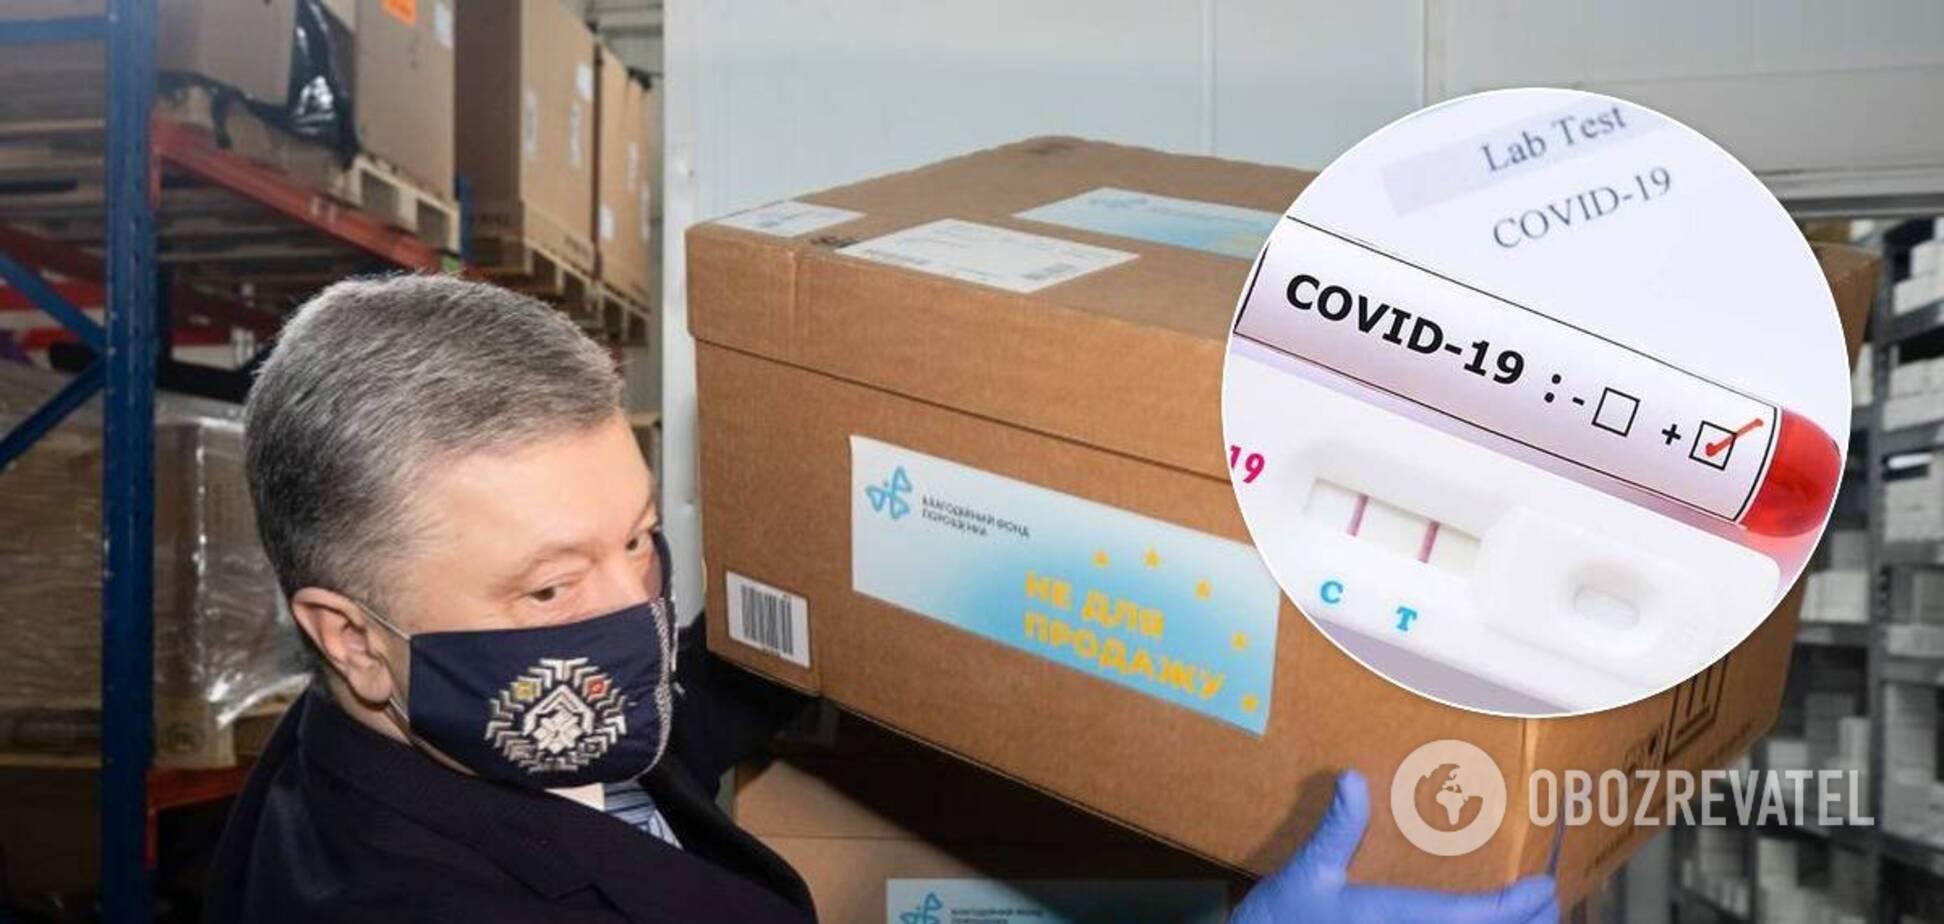 Больницы Украины получили новую партию ИФА-тестов на COVID-19 от Фонда Порошенко